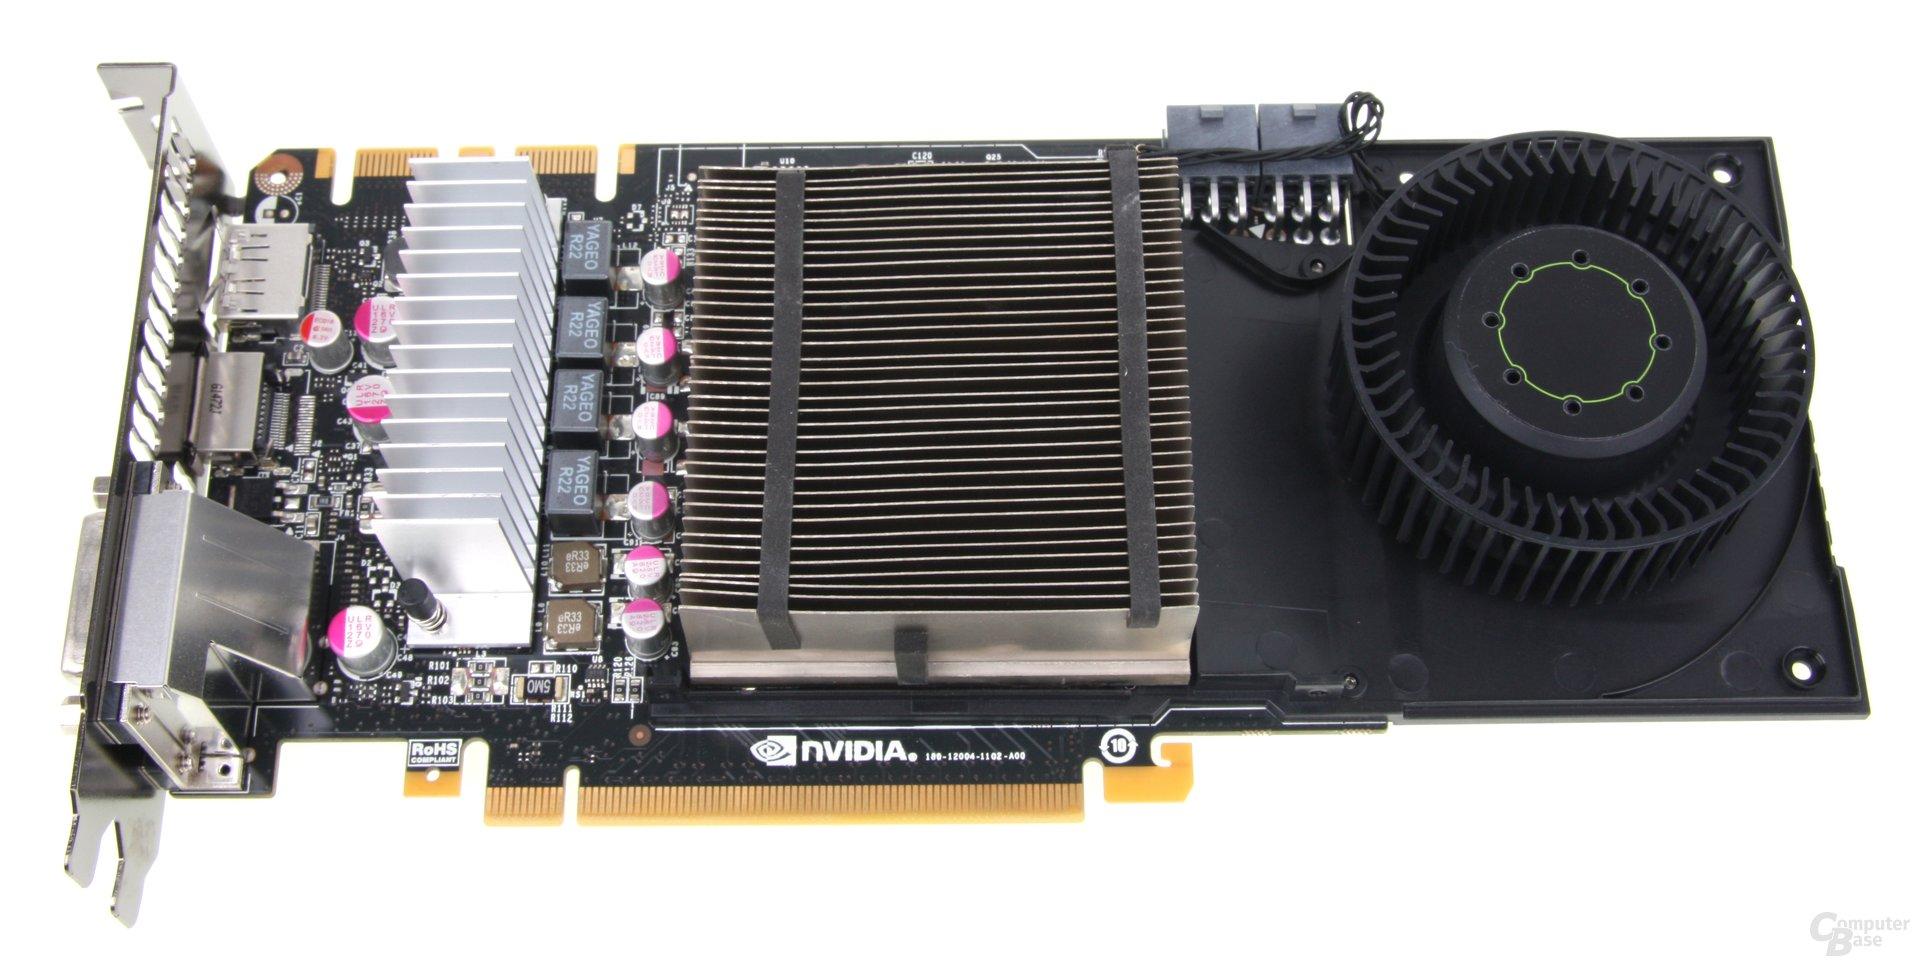 GeForce GTX 670 Kühler ohne Mantel